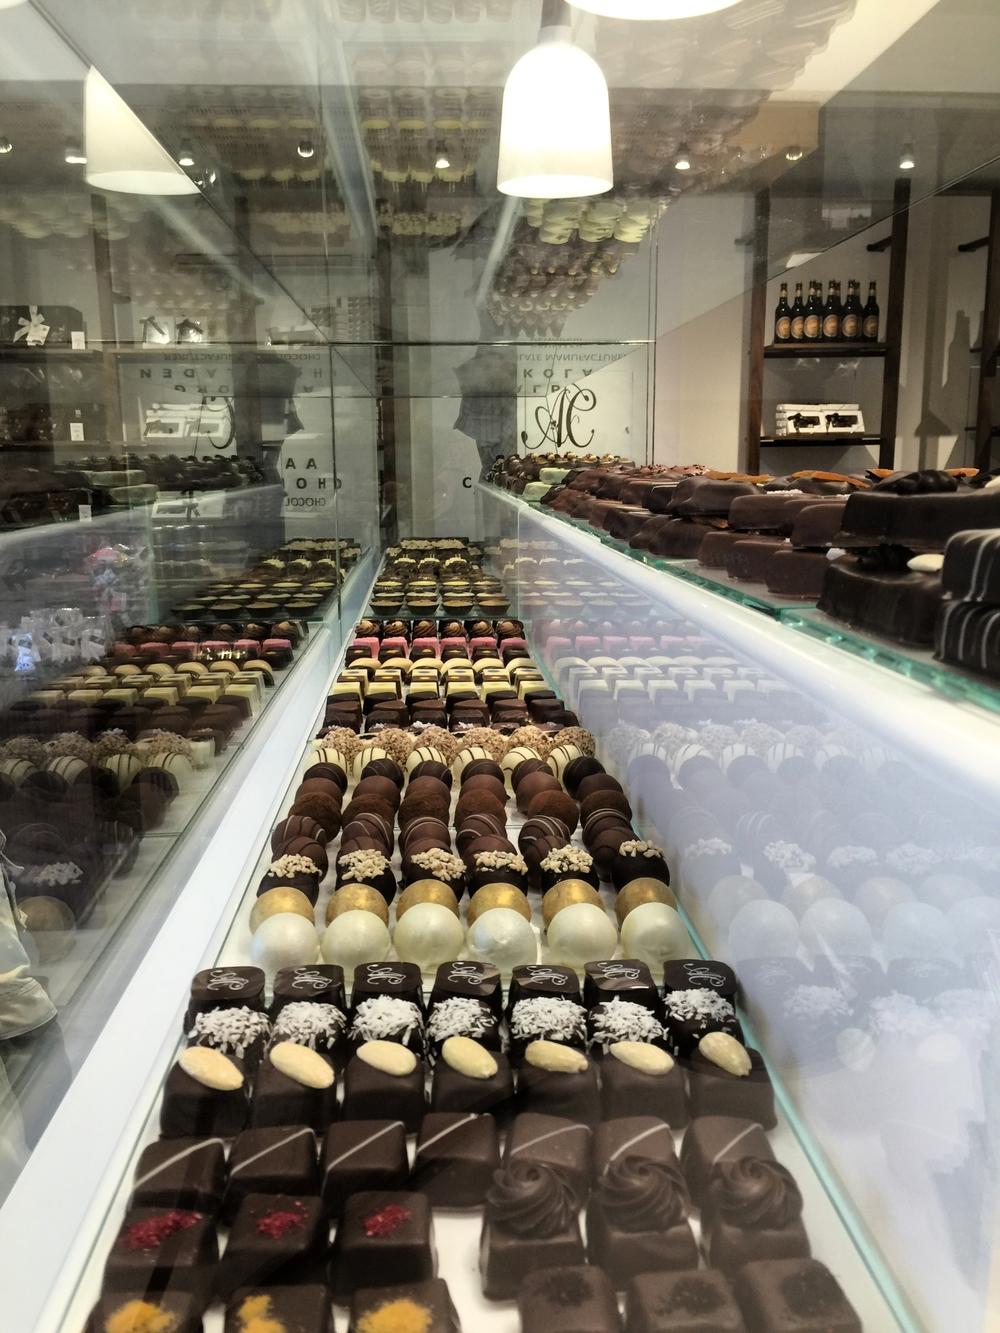 Det handler om at sikre danskerne genkender Aalborg Chokoladen, når de står og skal træffe deres valg ude hos de loyale forhandlere. Billedet her, er tage i AC Store i Aalborg.